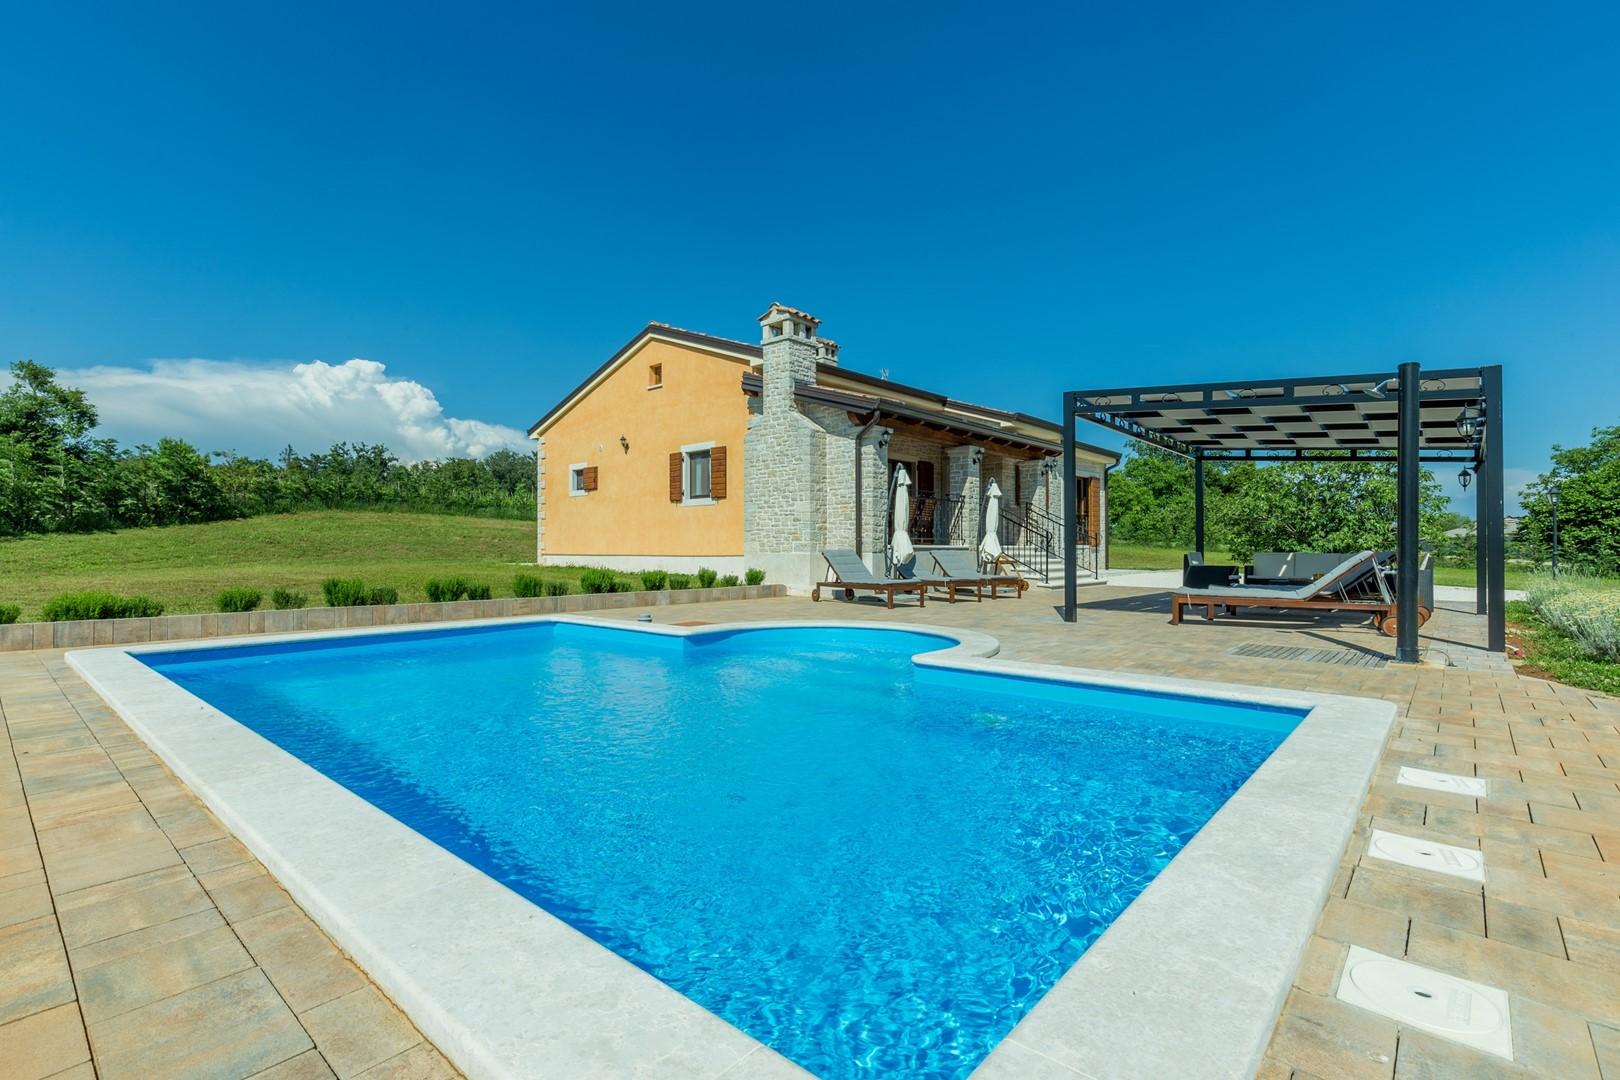 Ferienhaus Villa Elida mit Pool in abgelegene Lage - Zentral-Istrien (2789996), Pazin, , Istrien, Kroatien, Bild 2